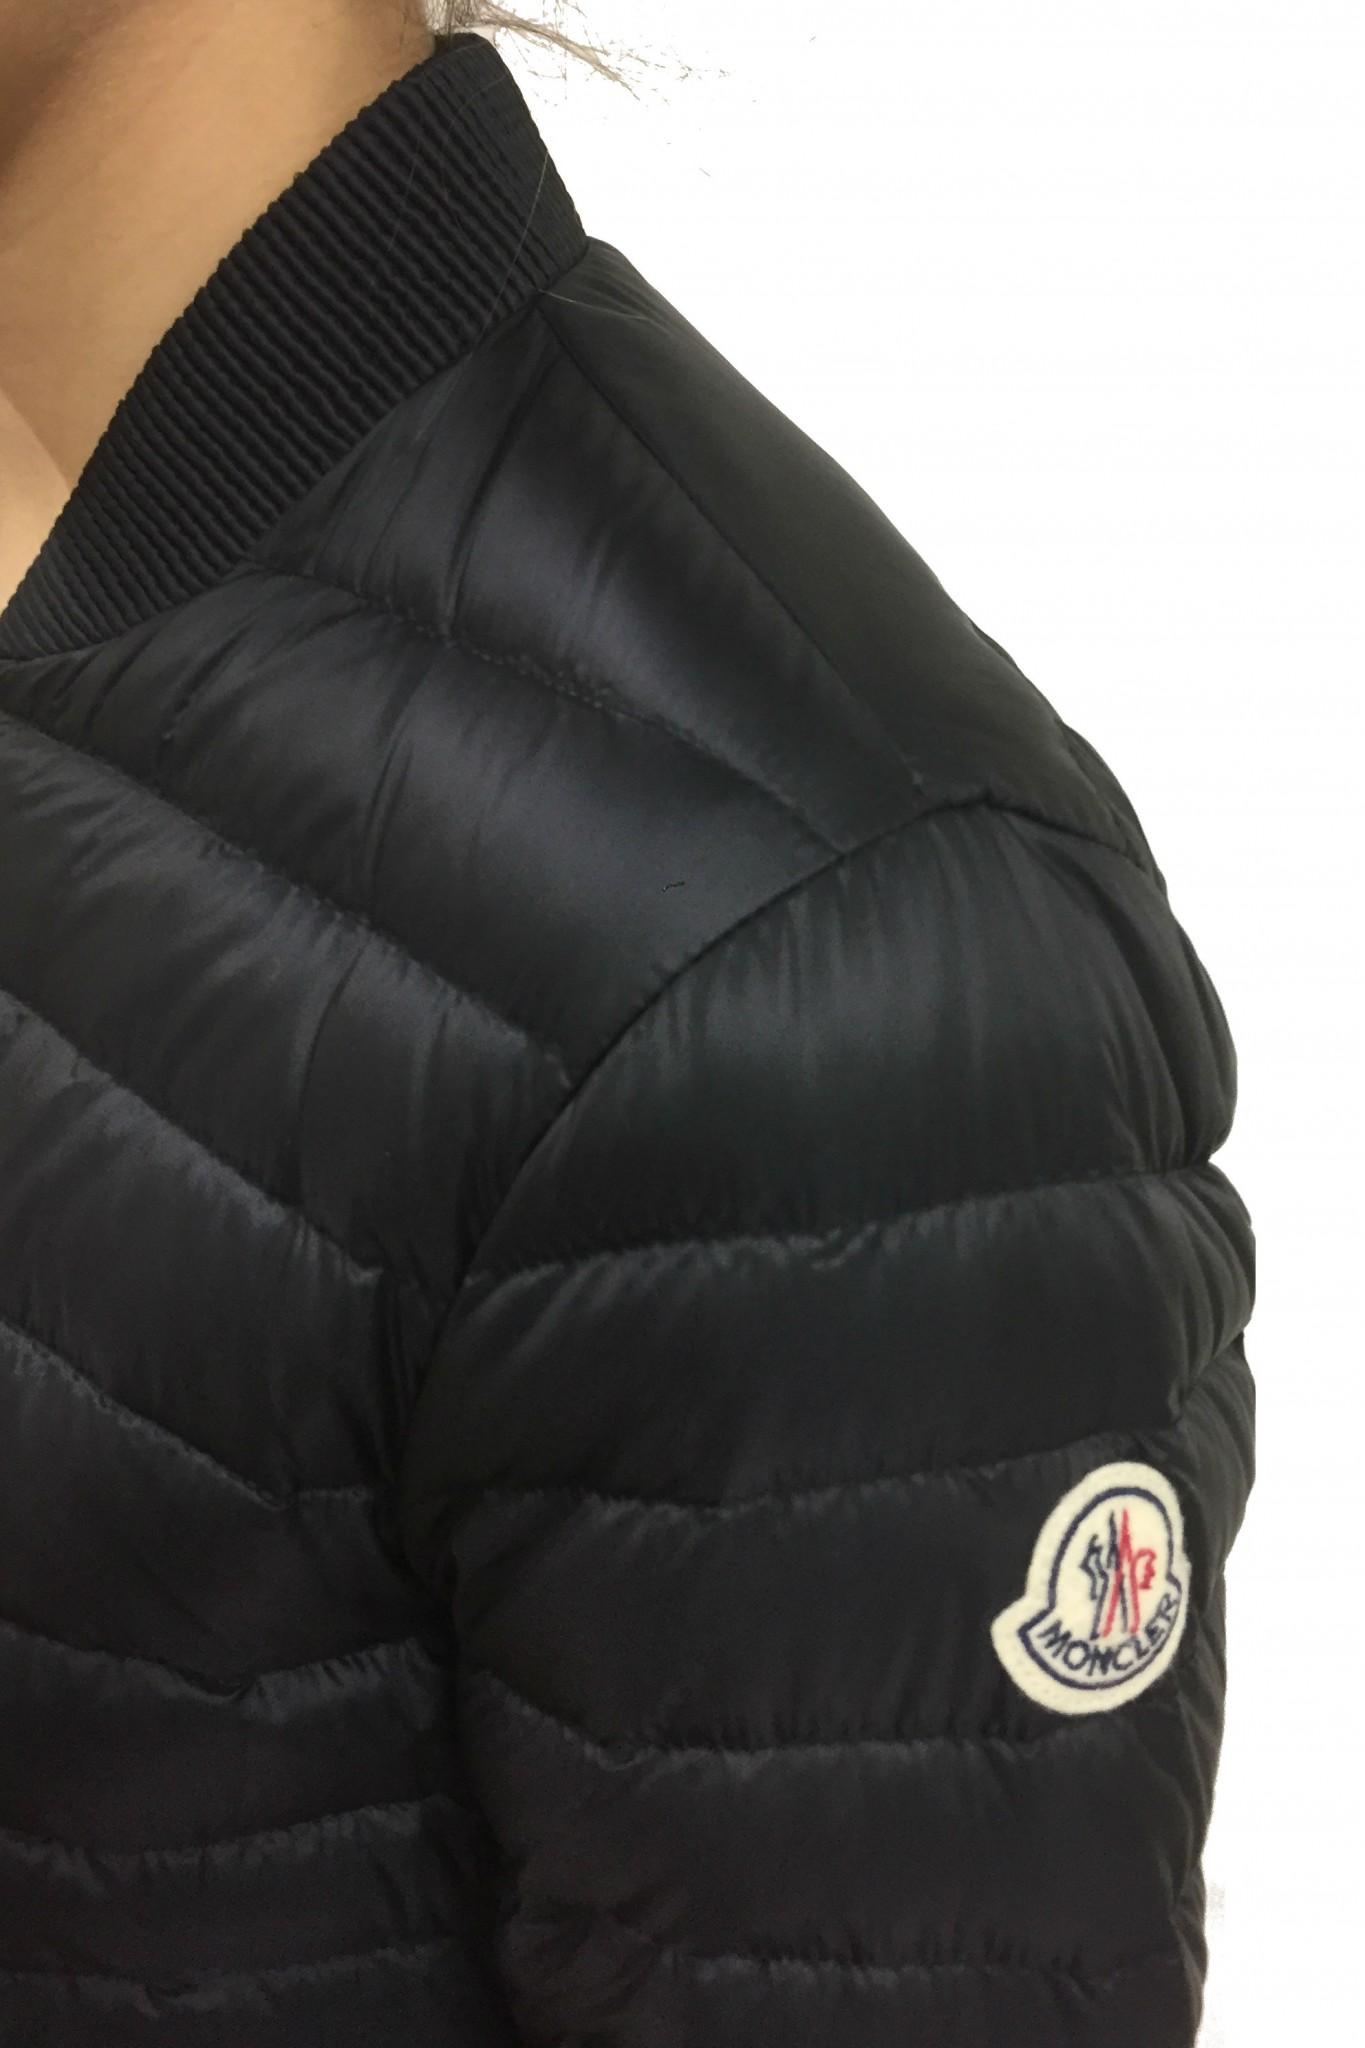 b11001af7 Barytine black Moncler down jacket online sale